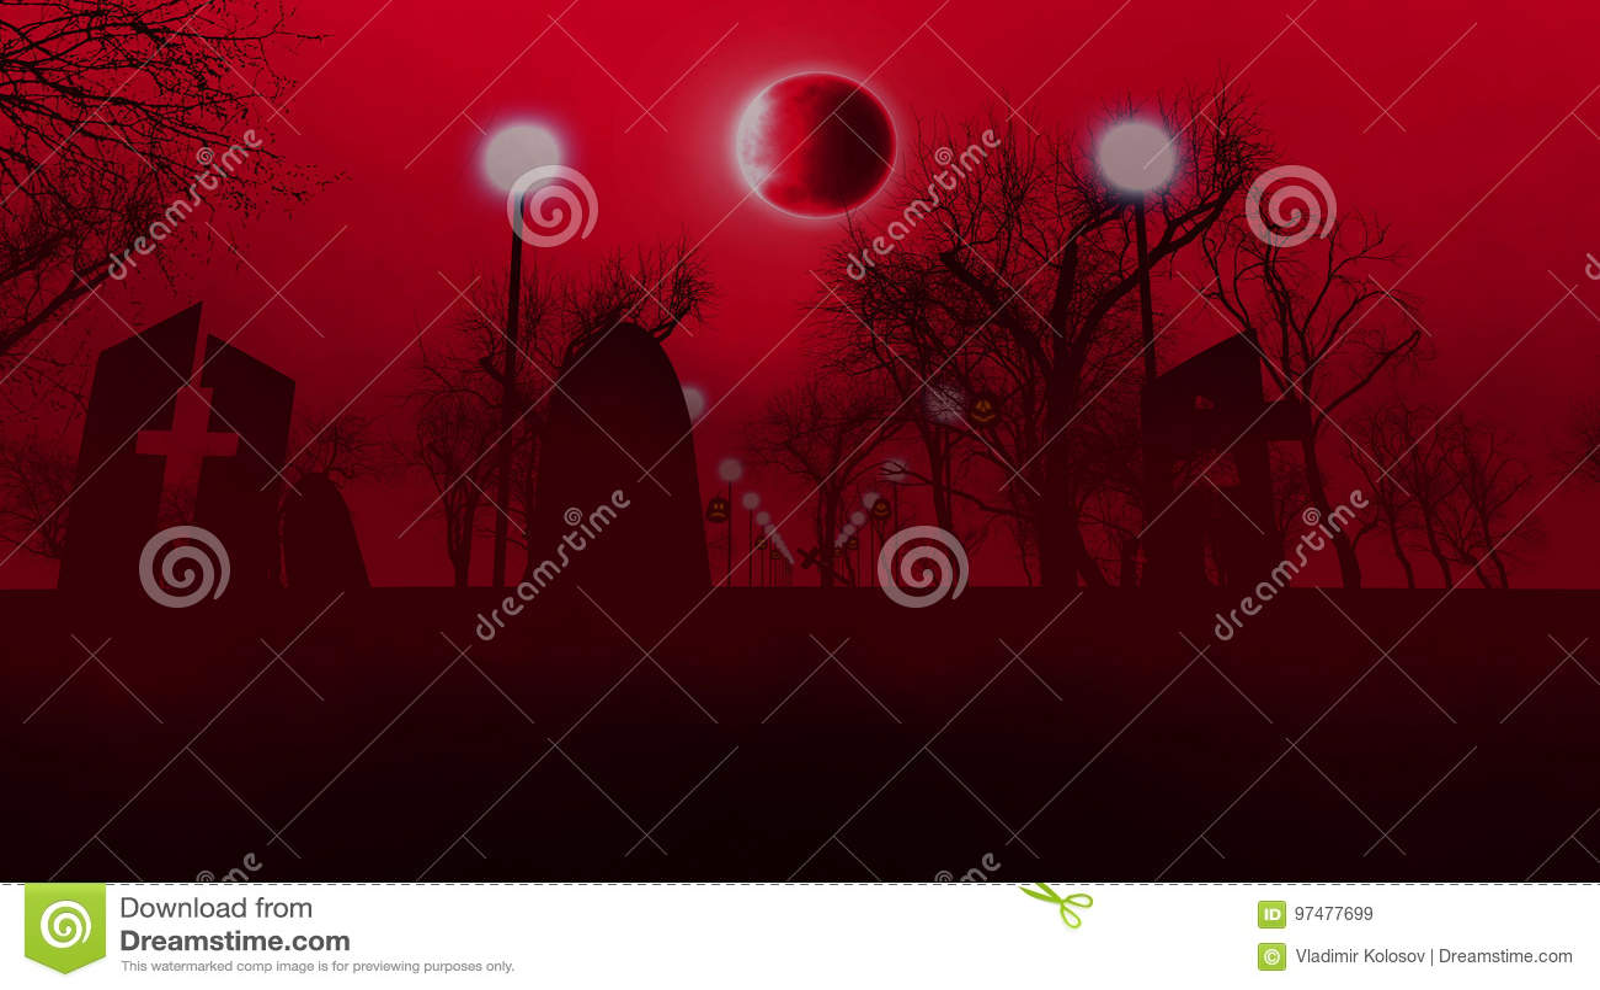 Cimitero triste con tre tombe su Halloween